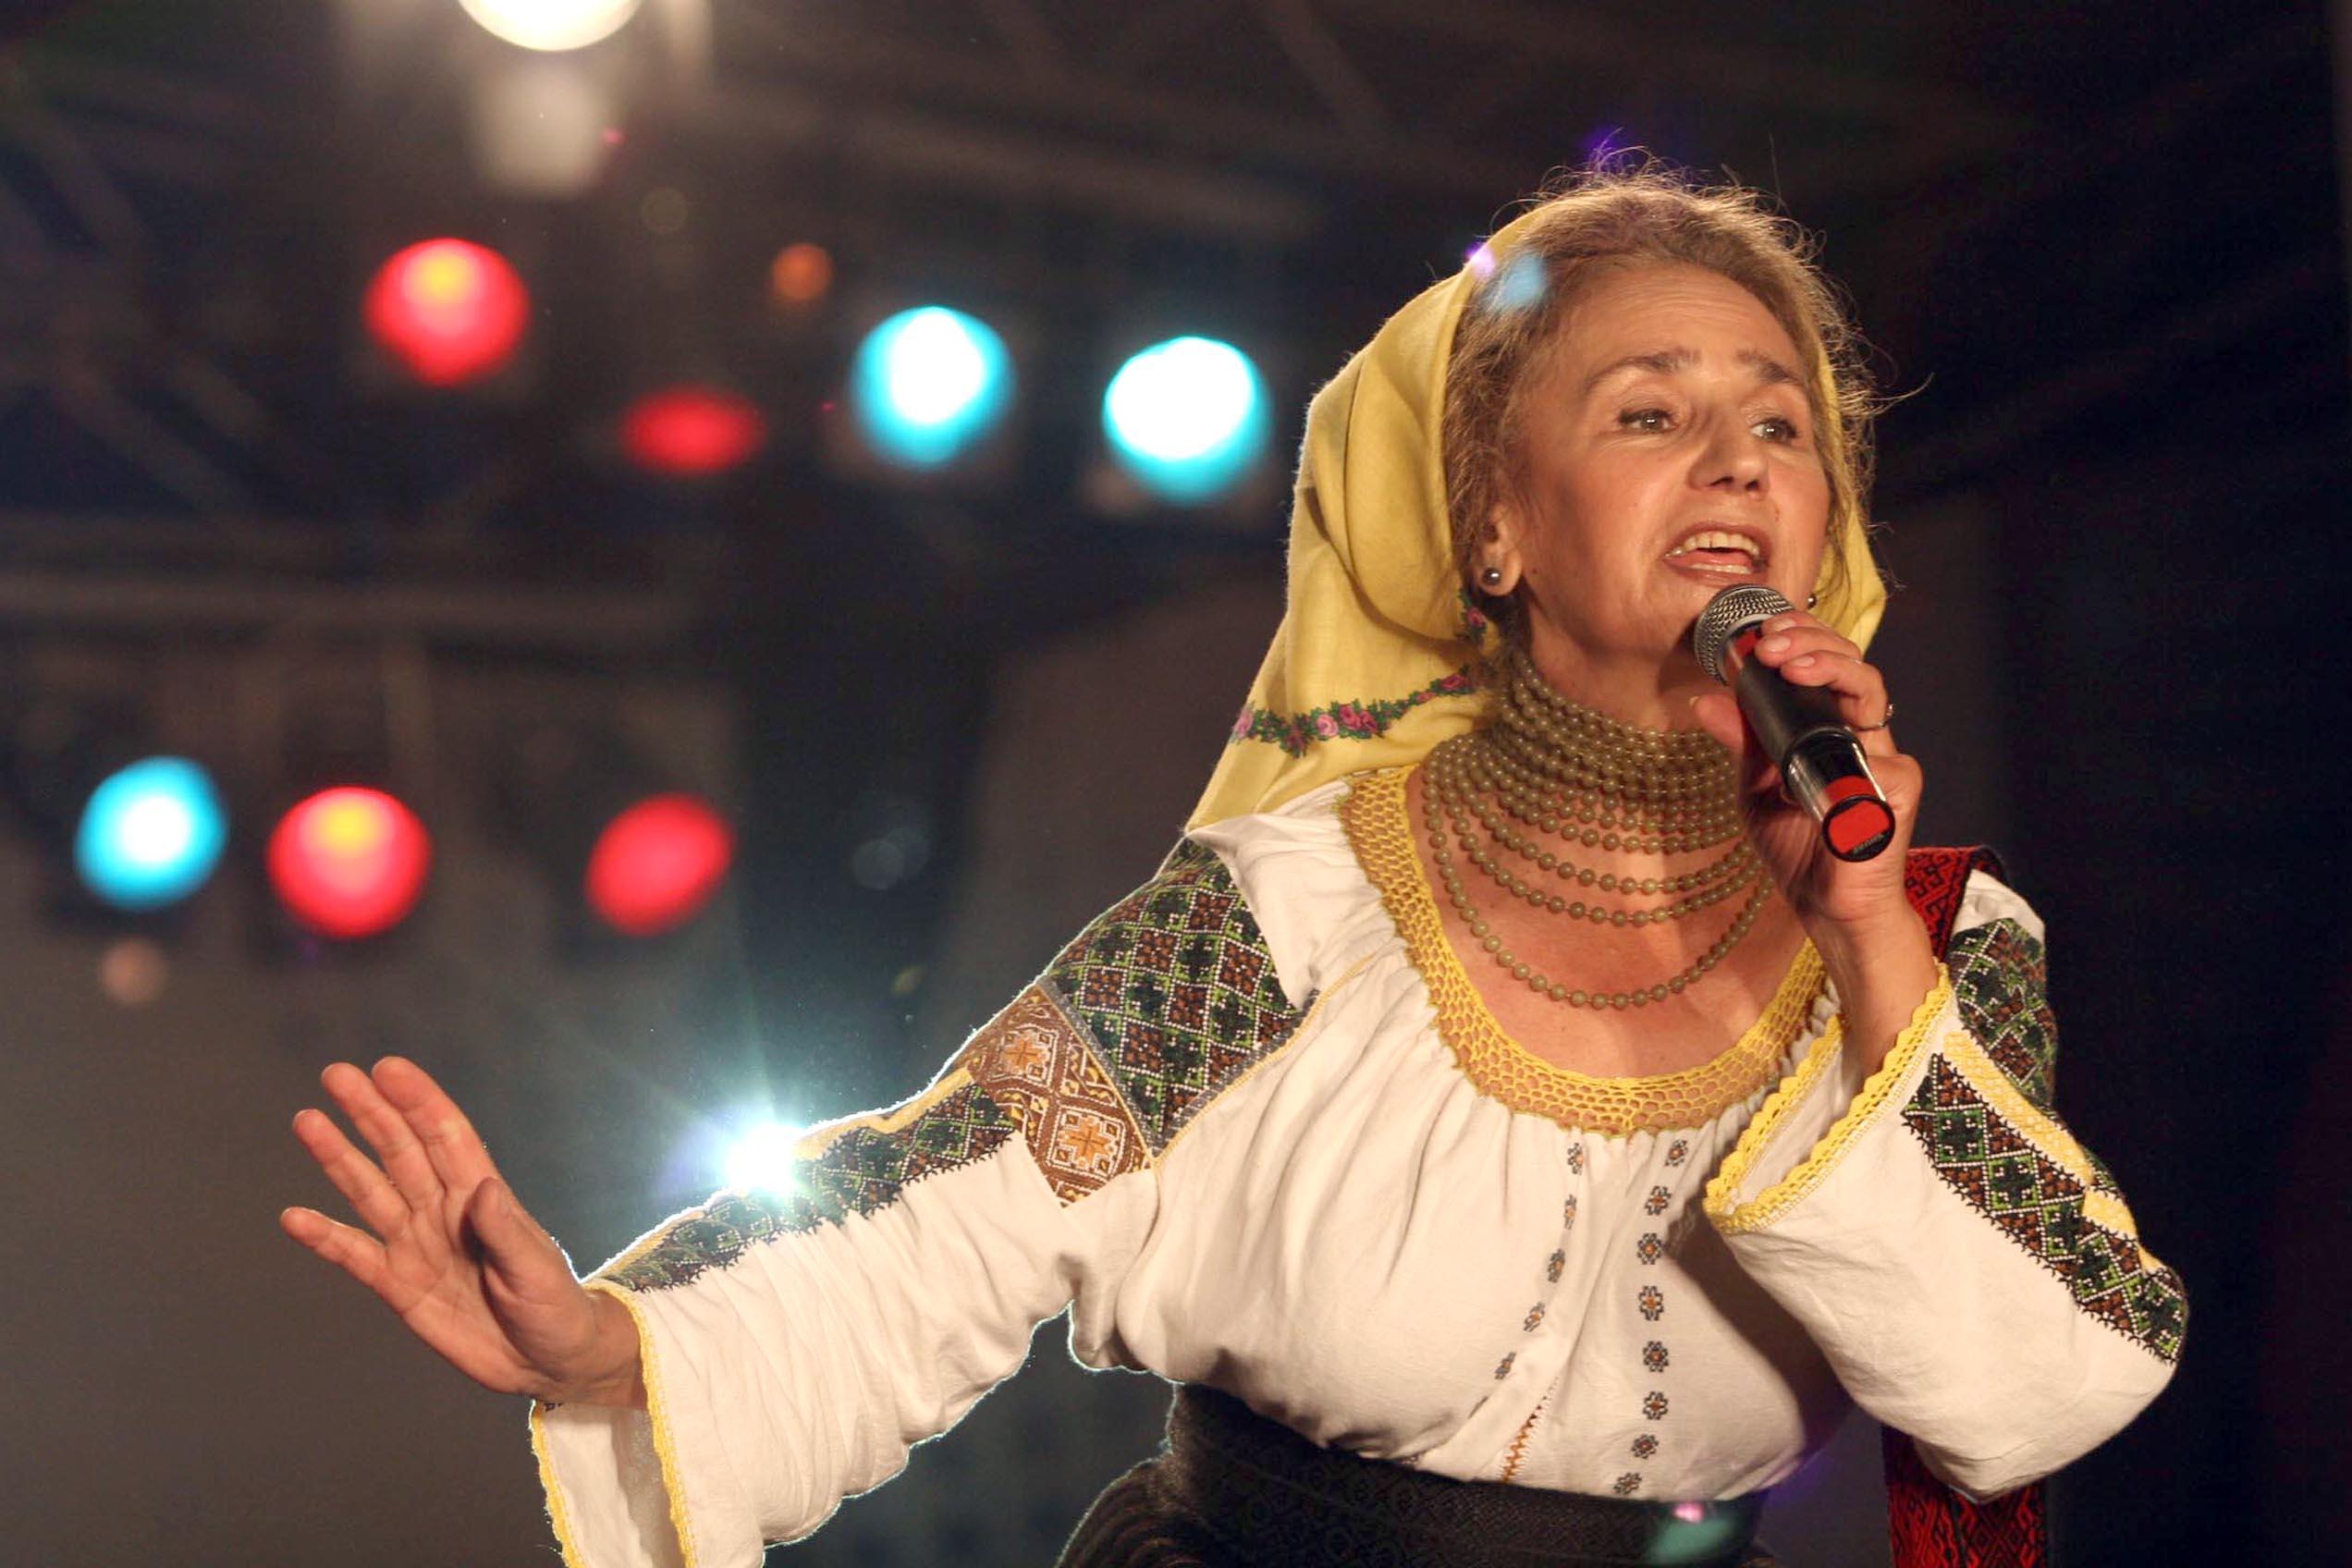 Sofia Vicoveanca, reacție neașteptată la Festivalul Haiducilor. De ce s-a oprit din cântat și a țipat la participanți